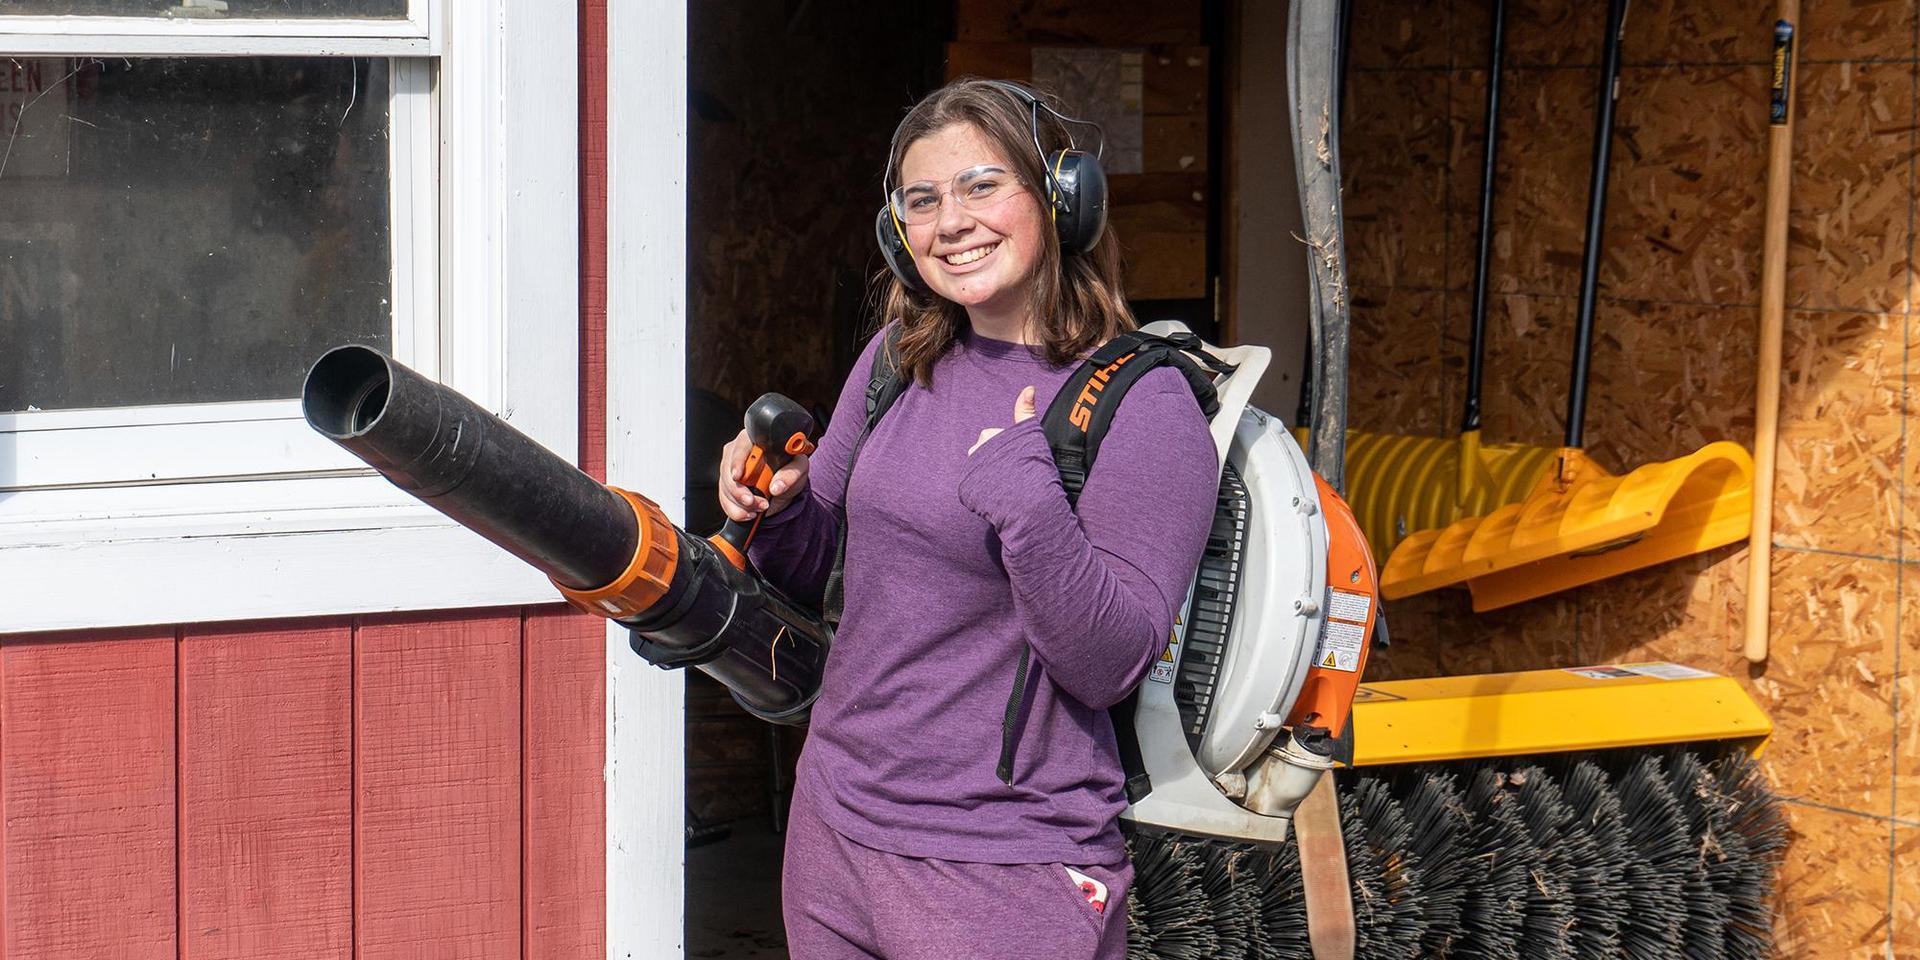 在社区服务日,一名学生带着吹叶机和安全设备准备开始工作.